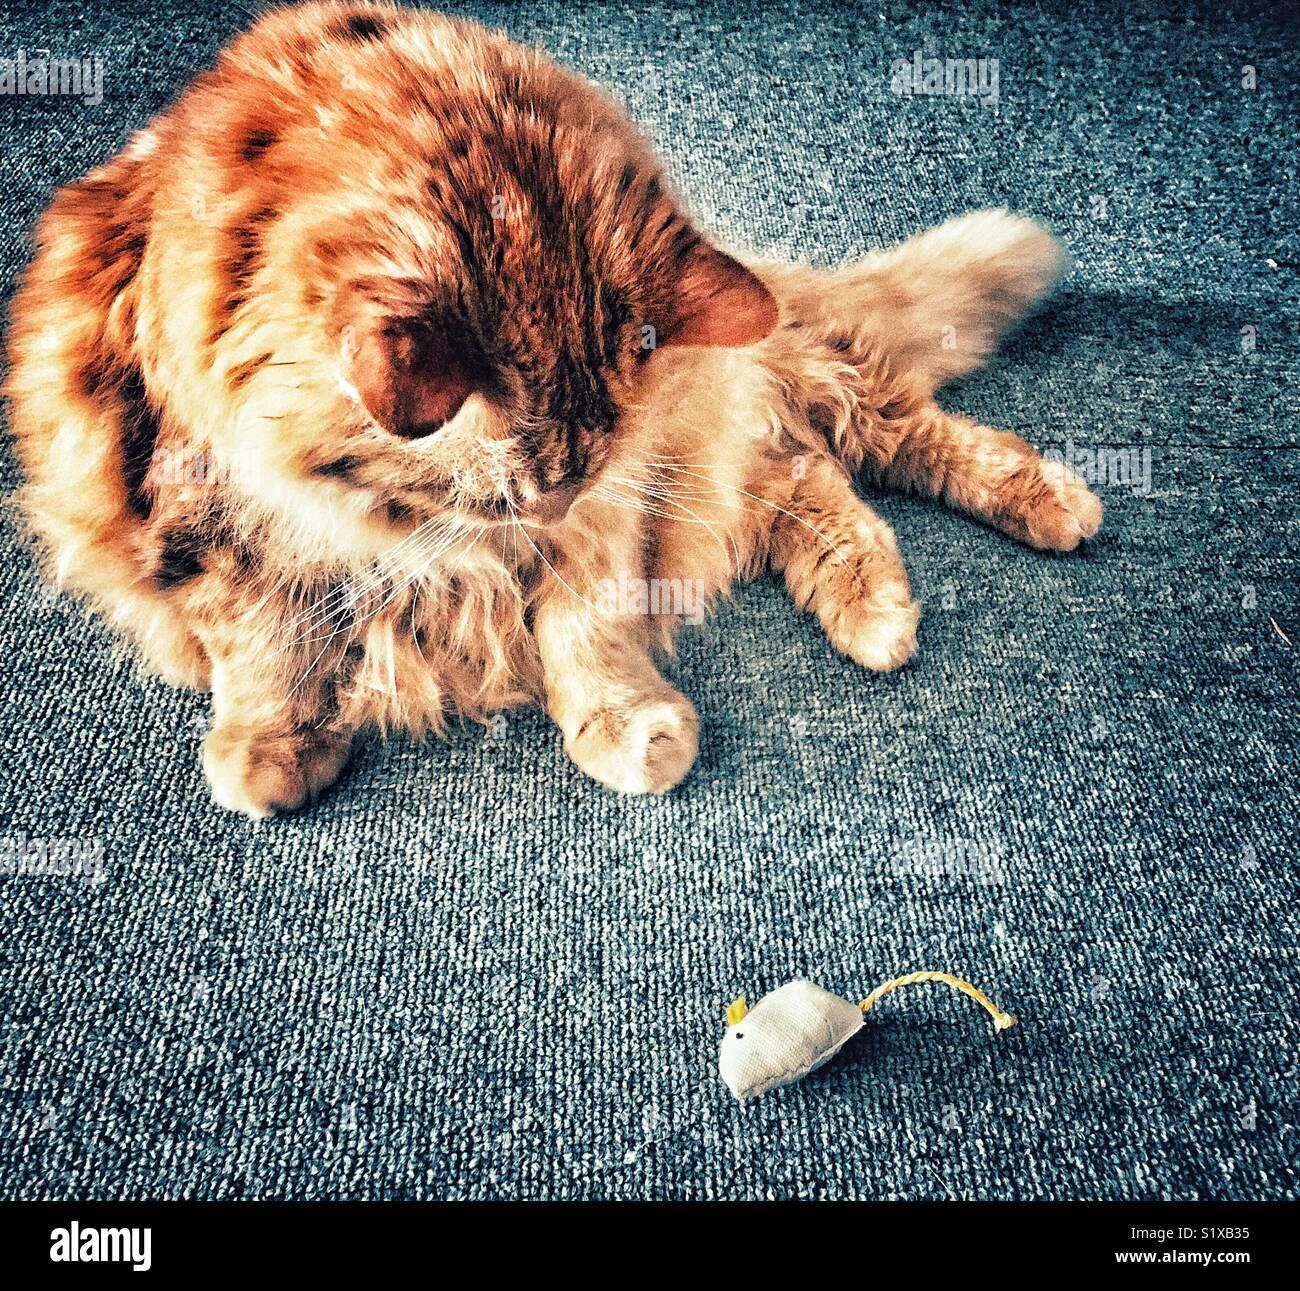 Grand aux cheveux longs moelleux à l'orange chat souris jouet Banque D'Images